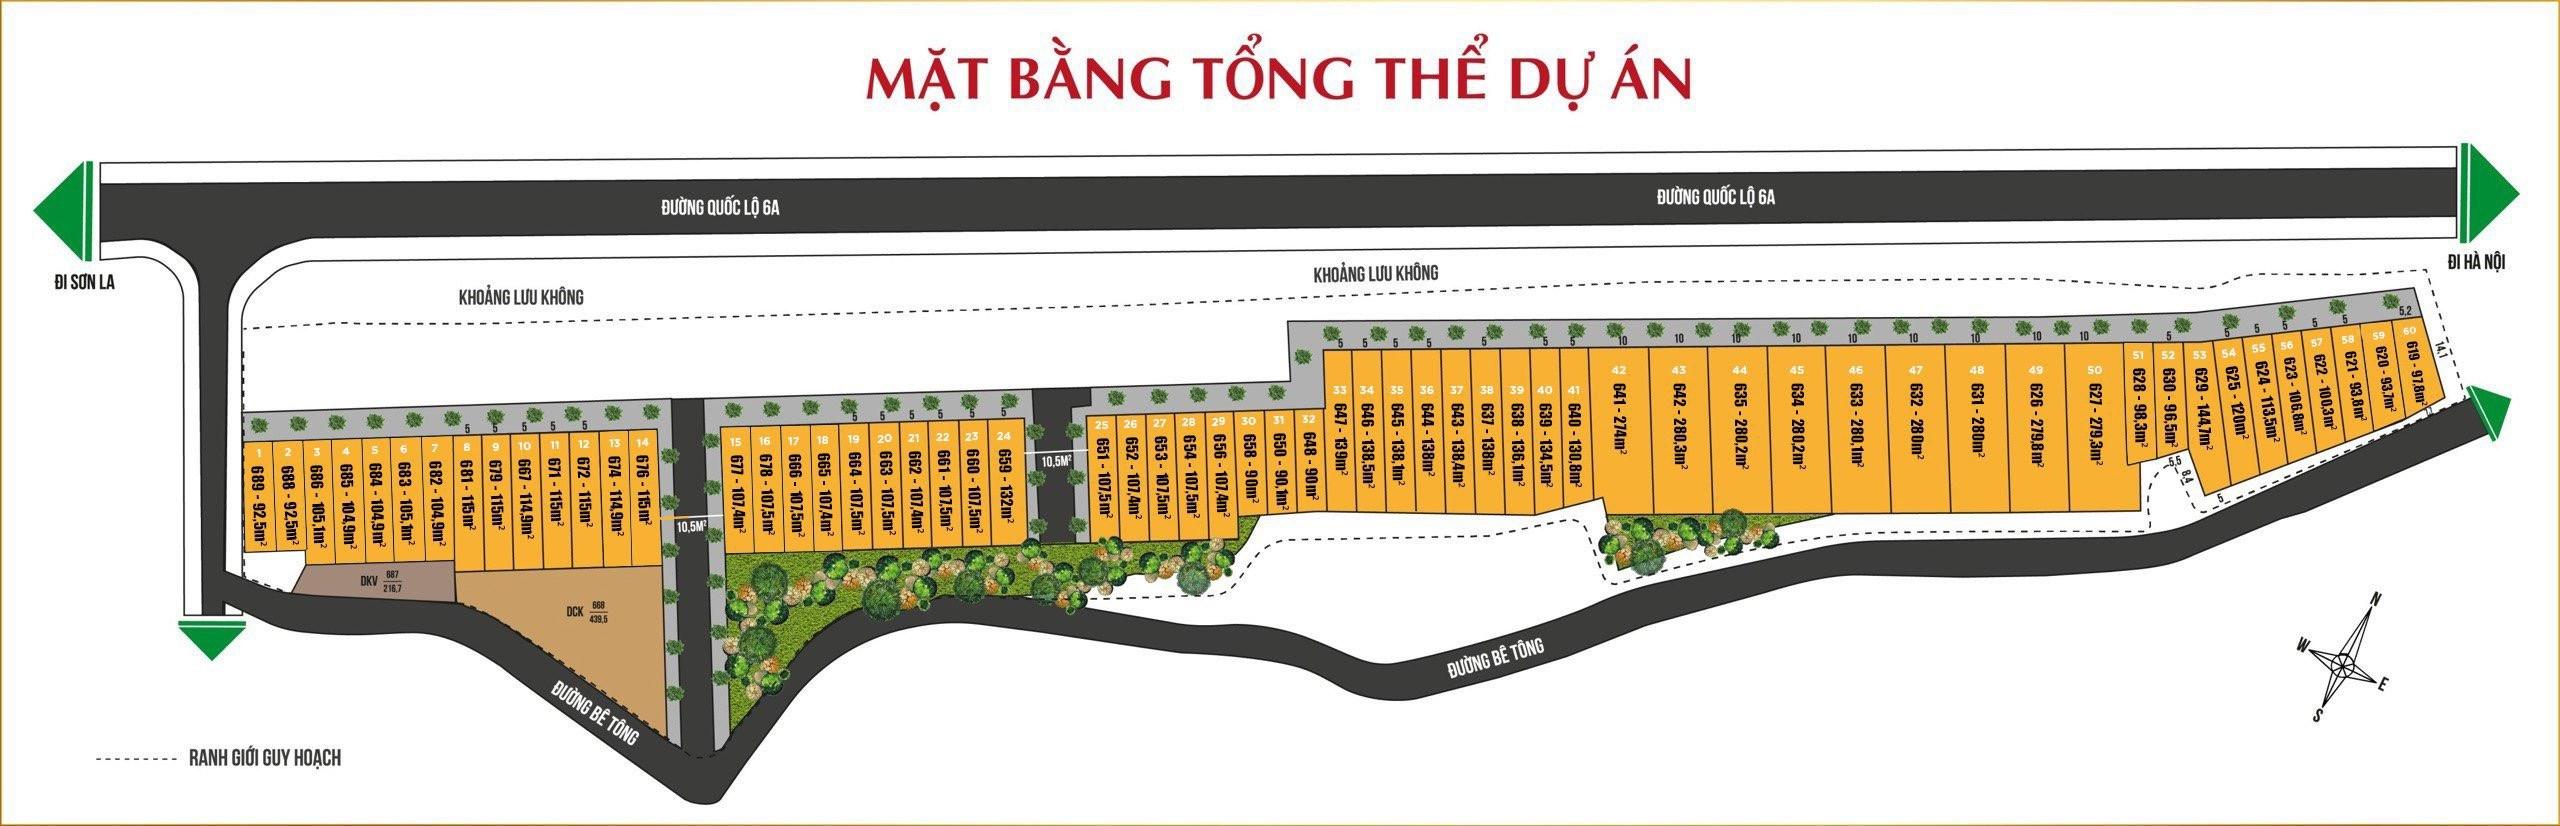 Dự án mặt đường quốc lộ 6 phường Kì Sơn Hòa Bình siêu lợi nhuận